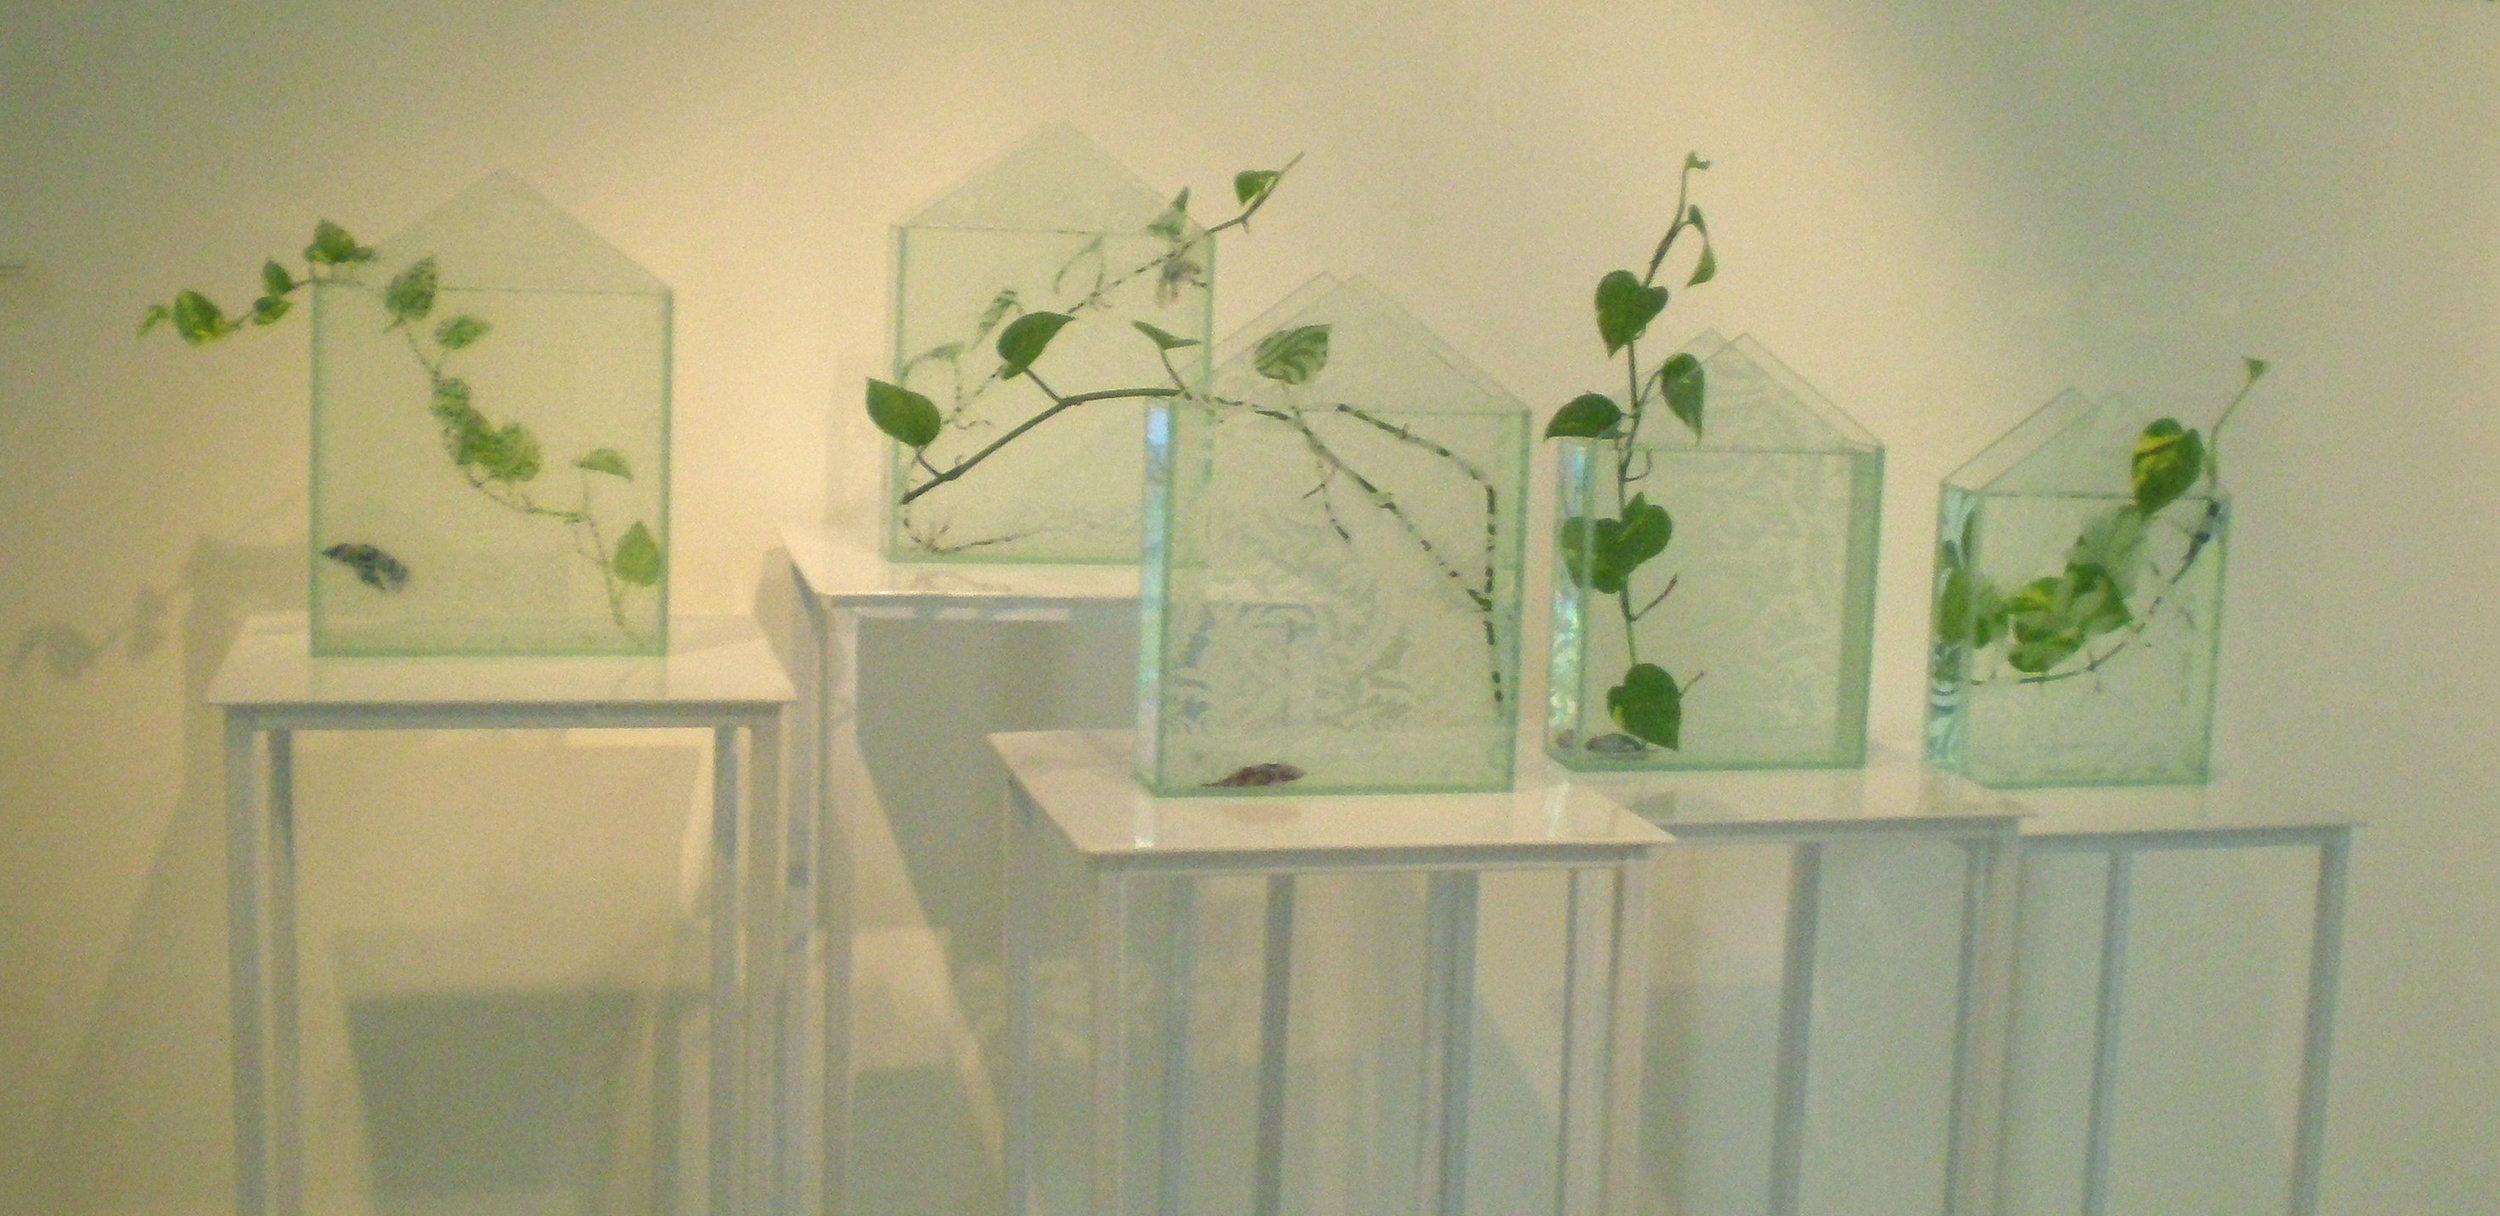 B. Jane Cowie, Fish House group, 2009.jpg